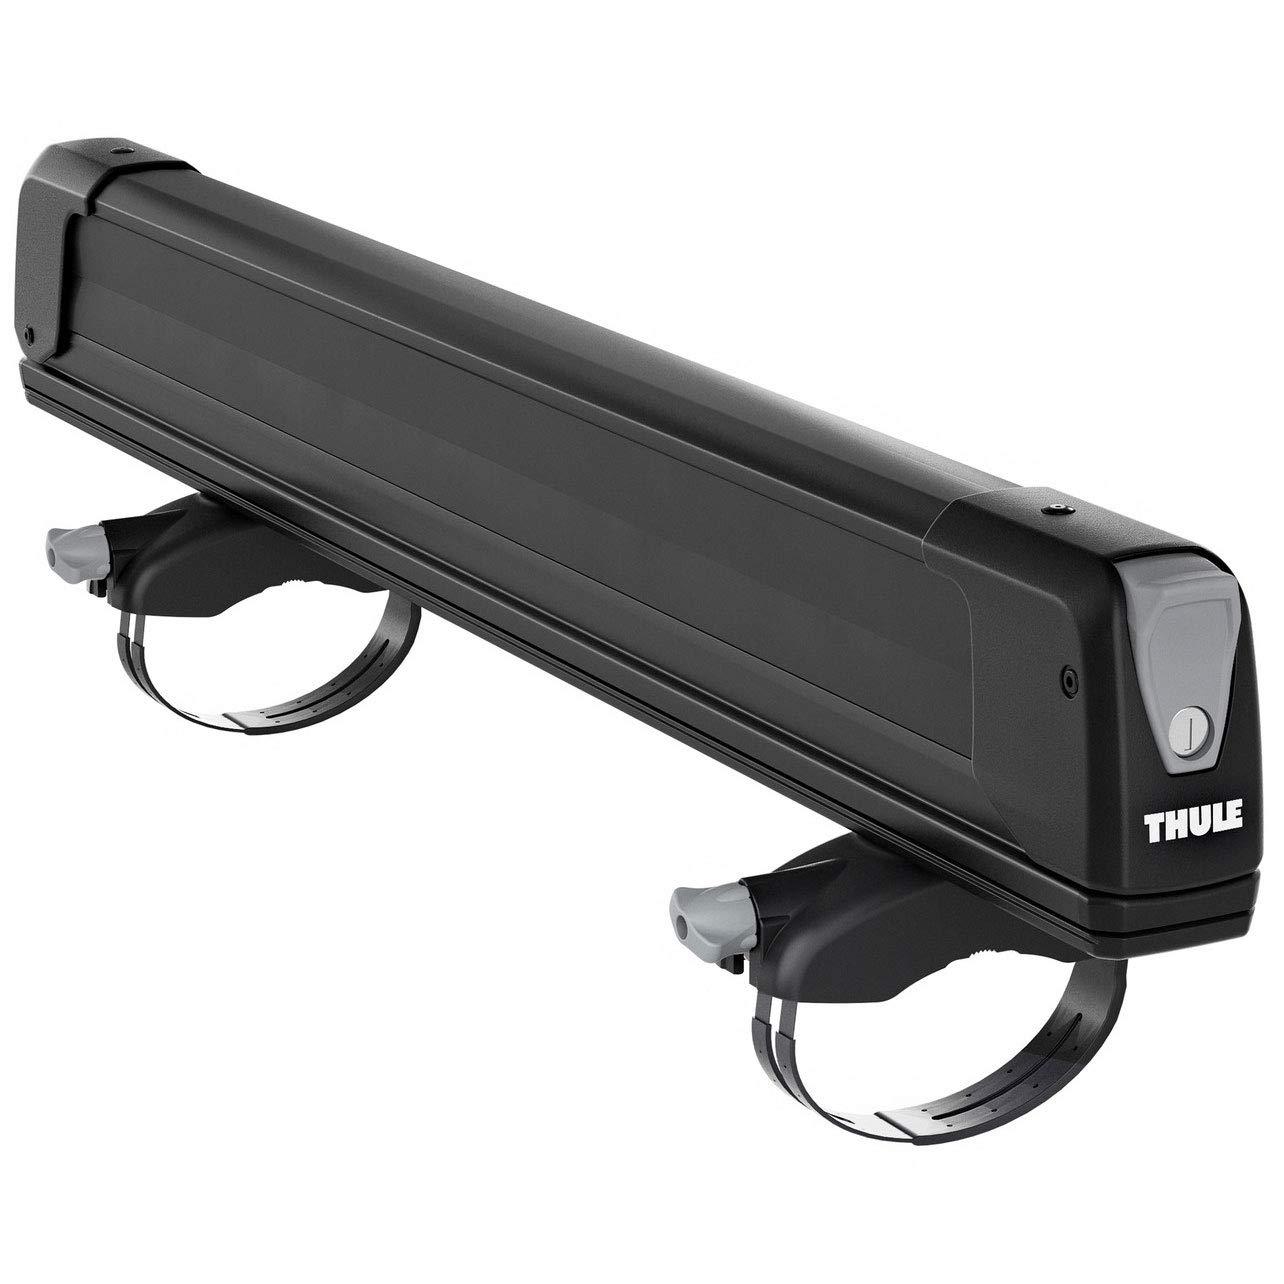 Black Thule SnowPack Extender